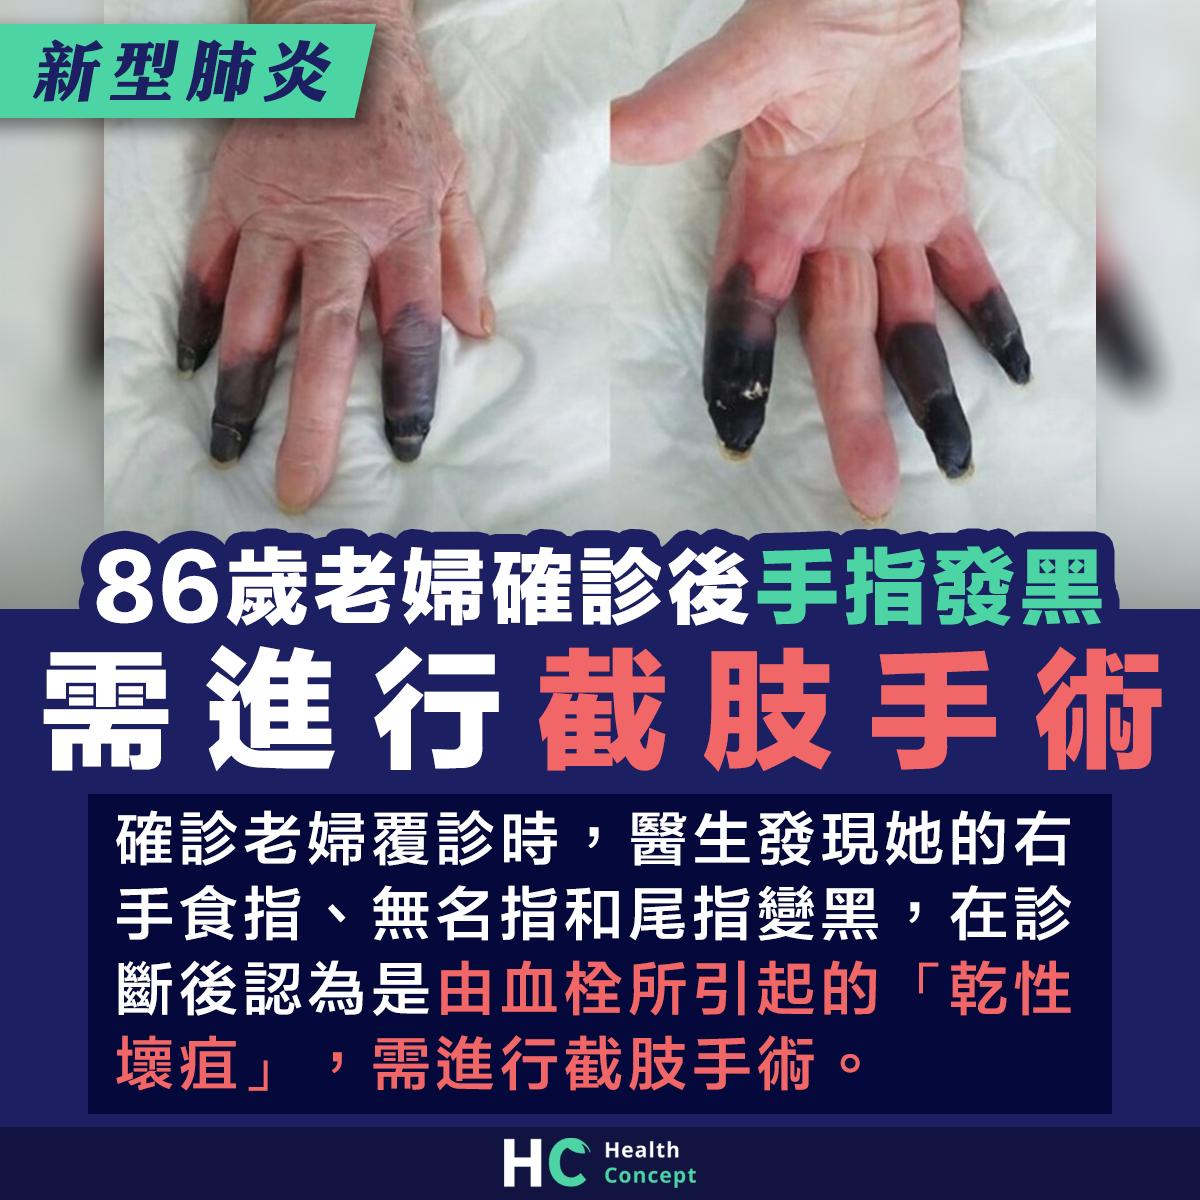 86歲老婦確診後手指發黑 需進行截肢手術